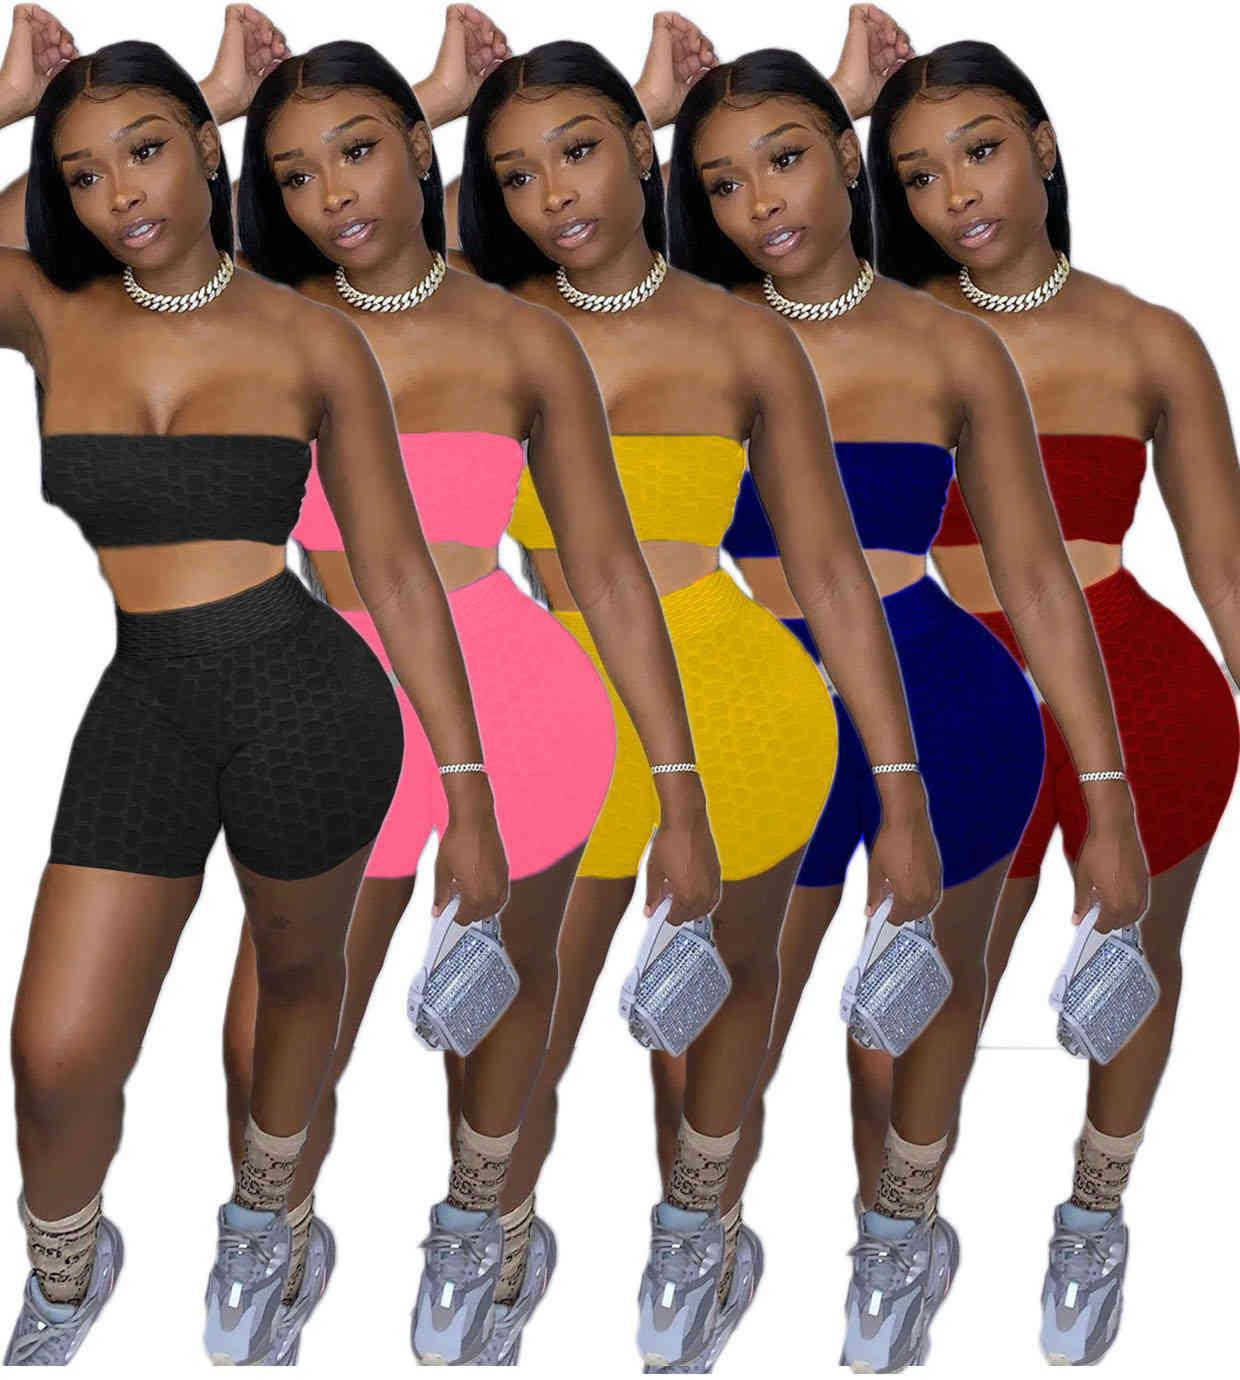 Frauen Mode Designer Kleidung 2021 Frühling und Sommer Solide Farbe Multi Color BH Shorts Yoga Zwei Teil Set die neue Liste